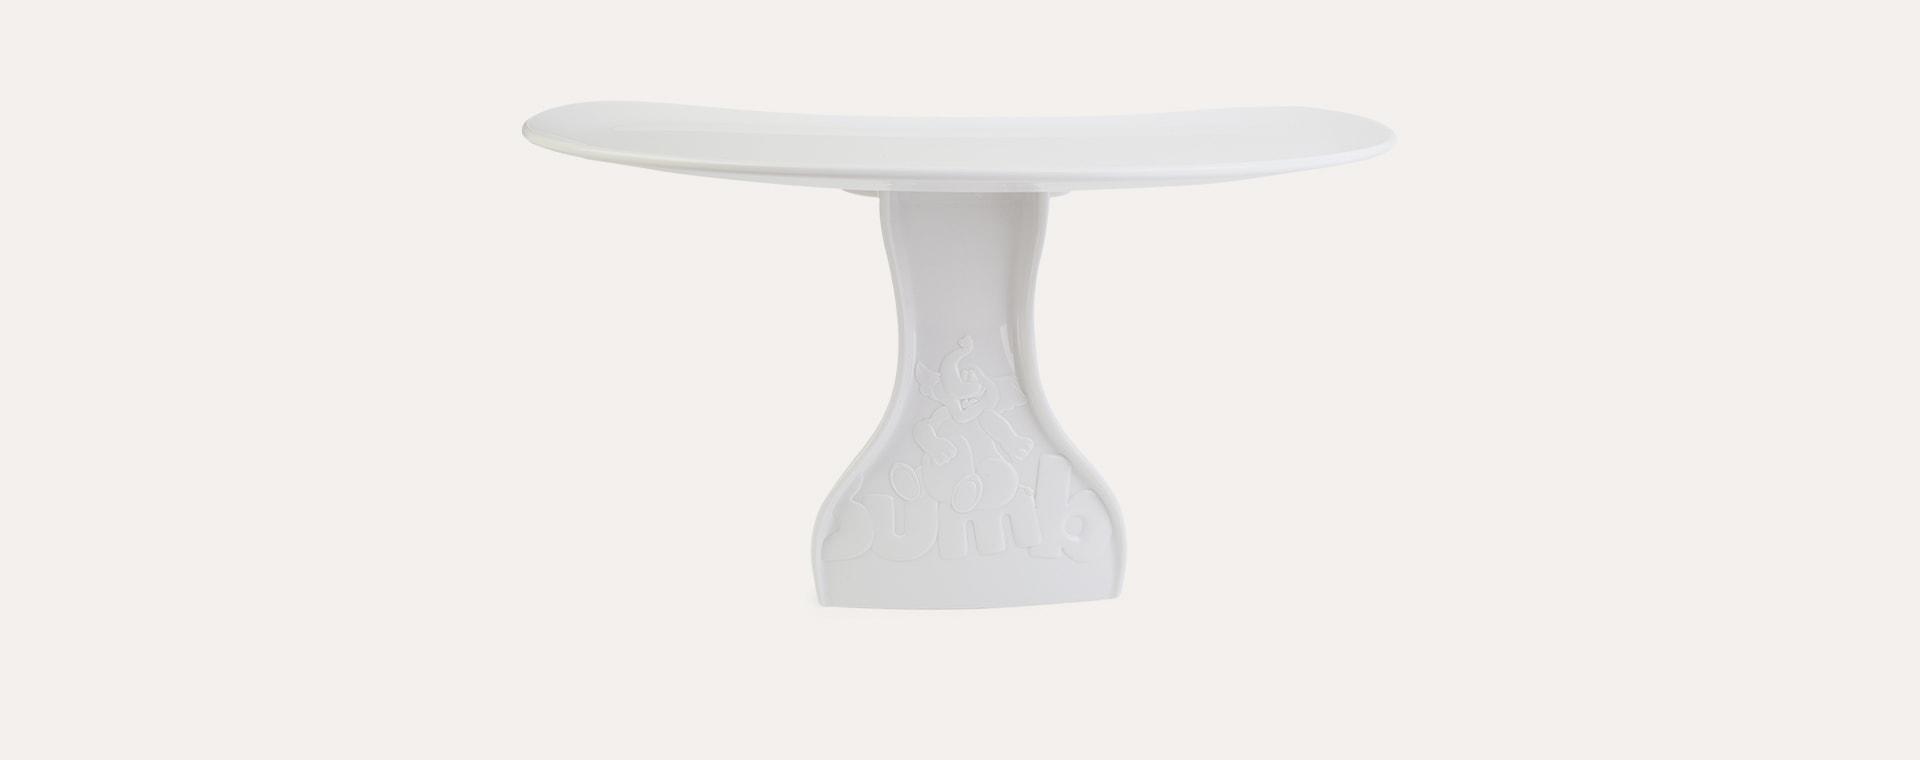 White Bumbo Floor Seat Tray